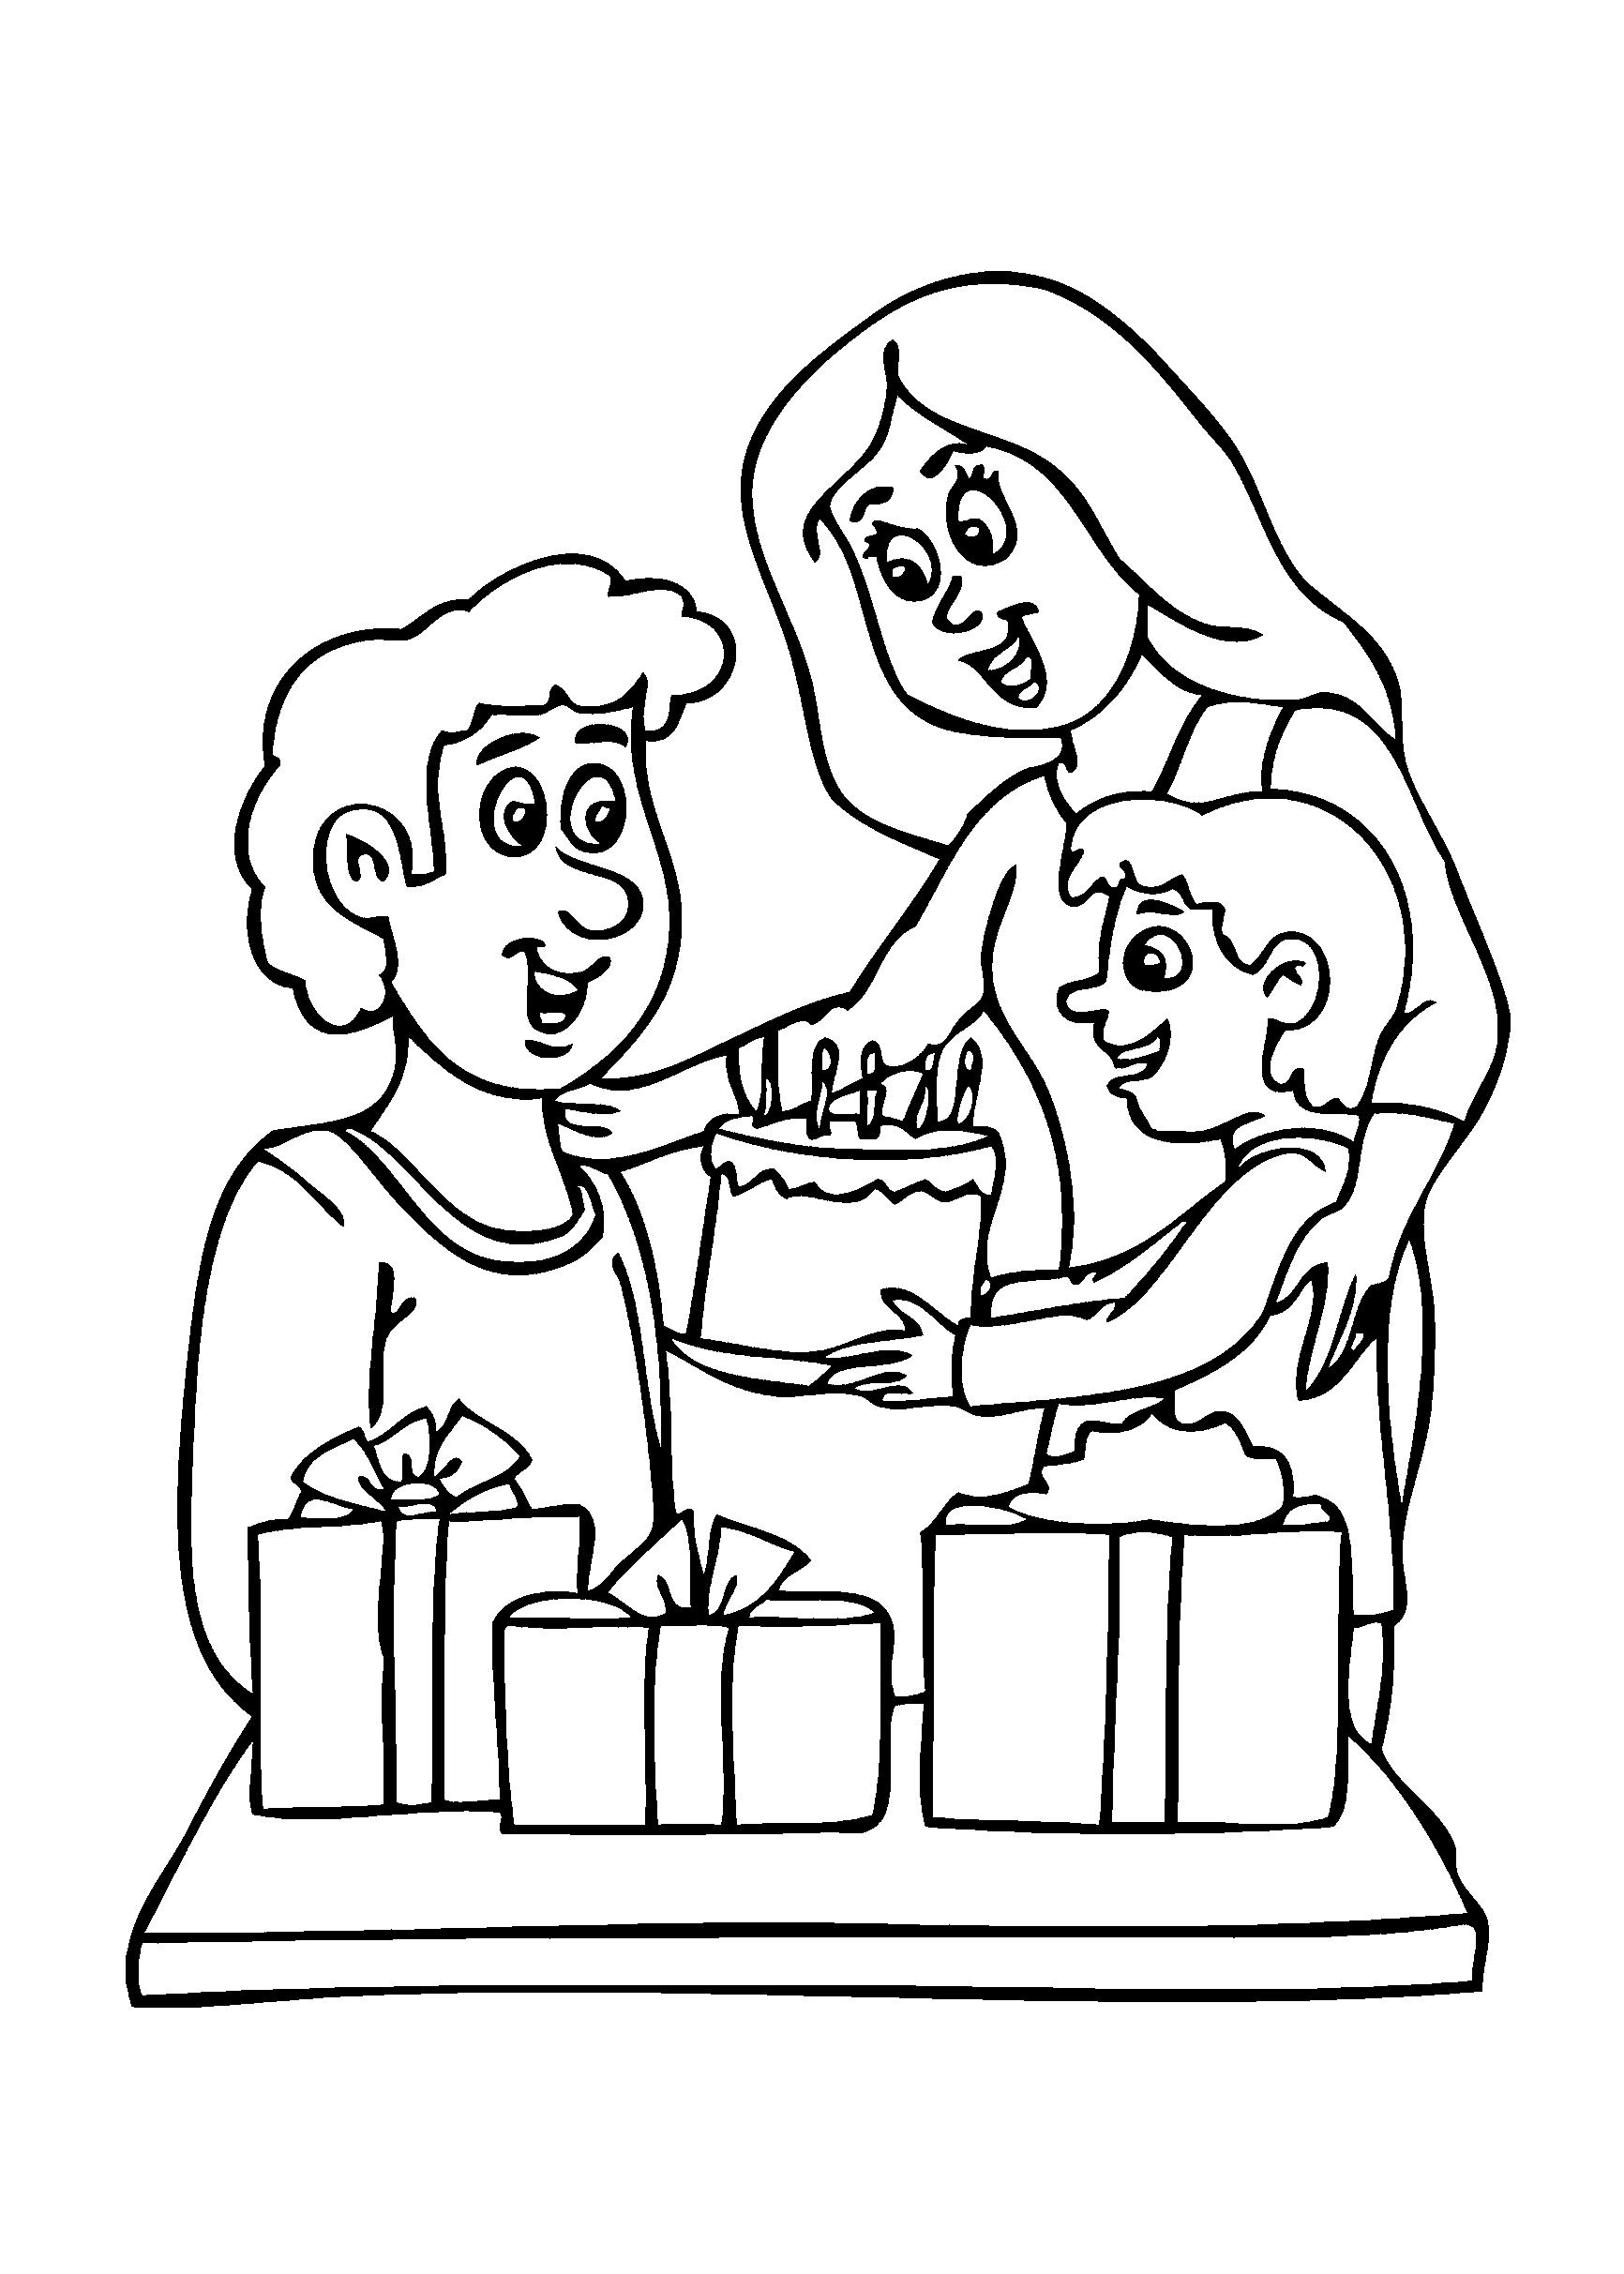 0236-dia-pais-desenho-bolo-parabens